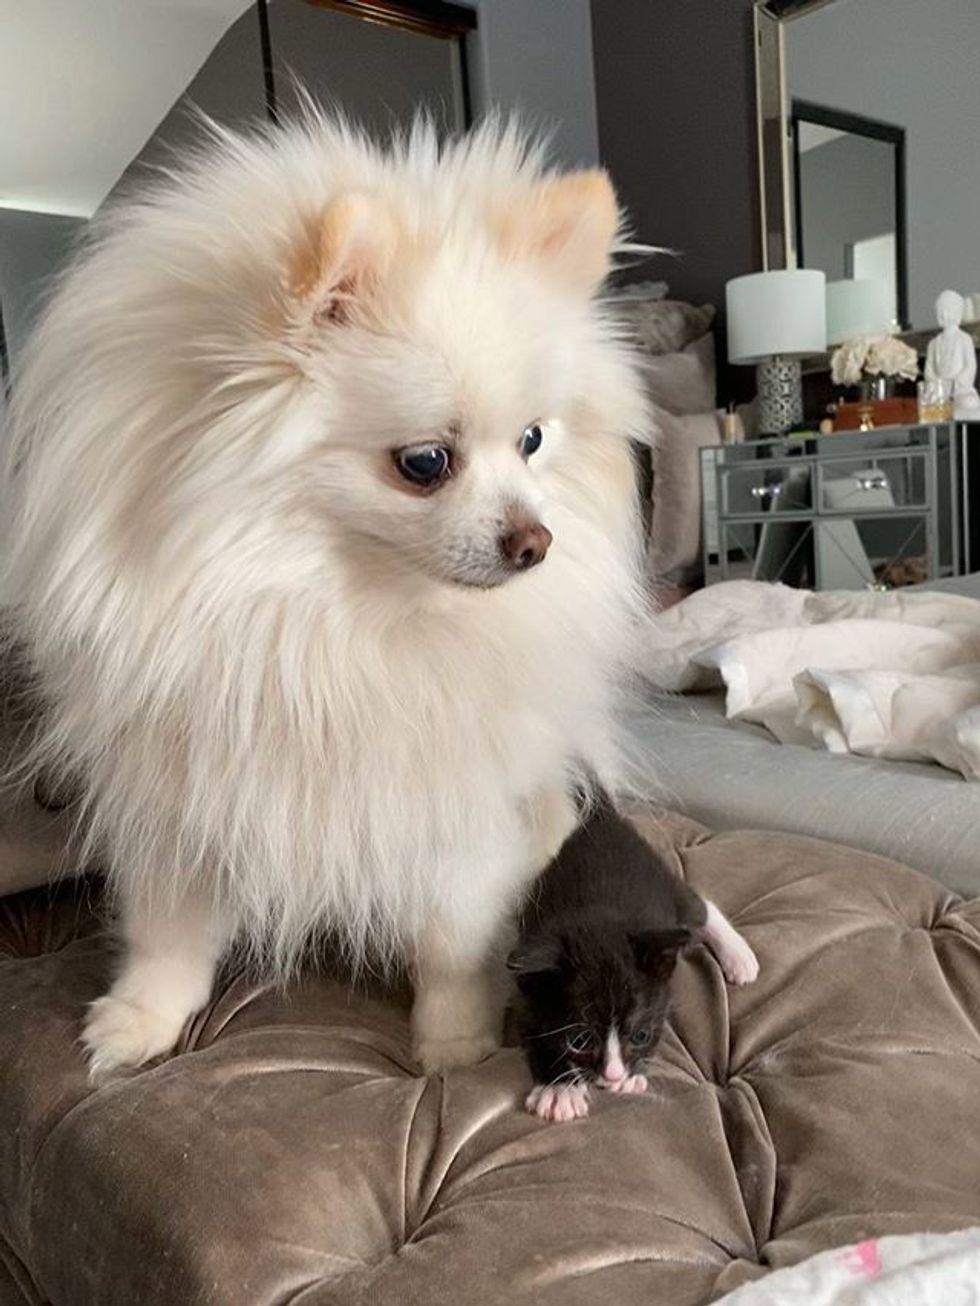 cute, kitten, tuxedo, dog, friend